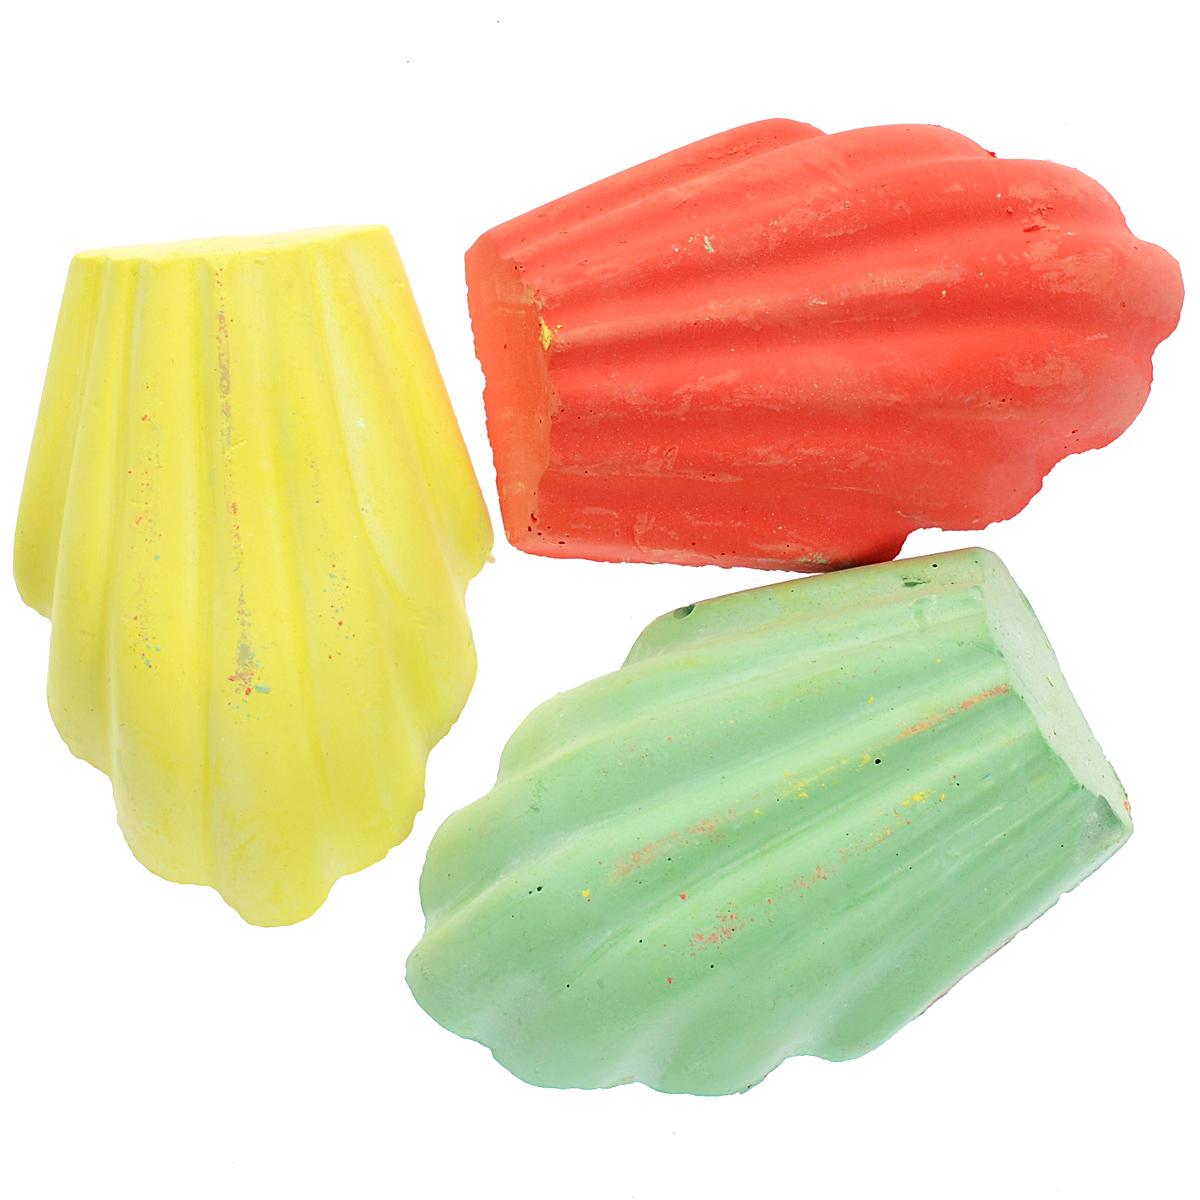 """Мелки цветные Fancy """"Ракушки"""", фигурные, цвет: желтый, зеленый, красный, Action!"""